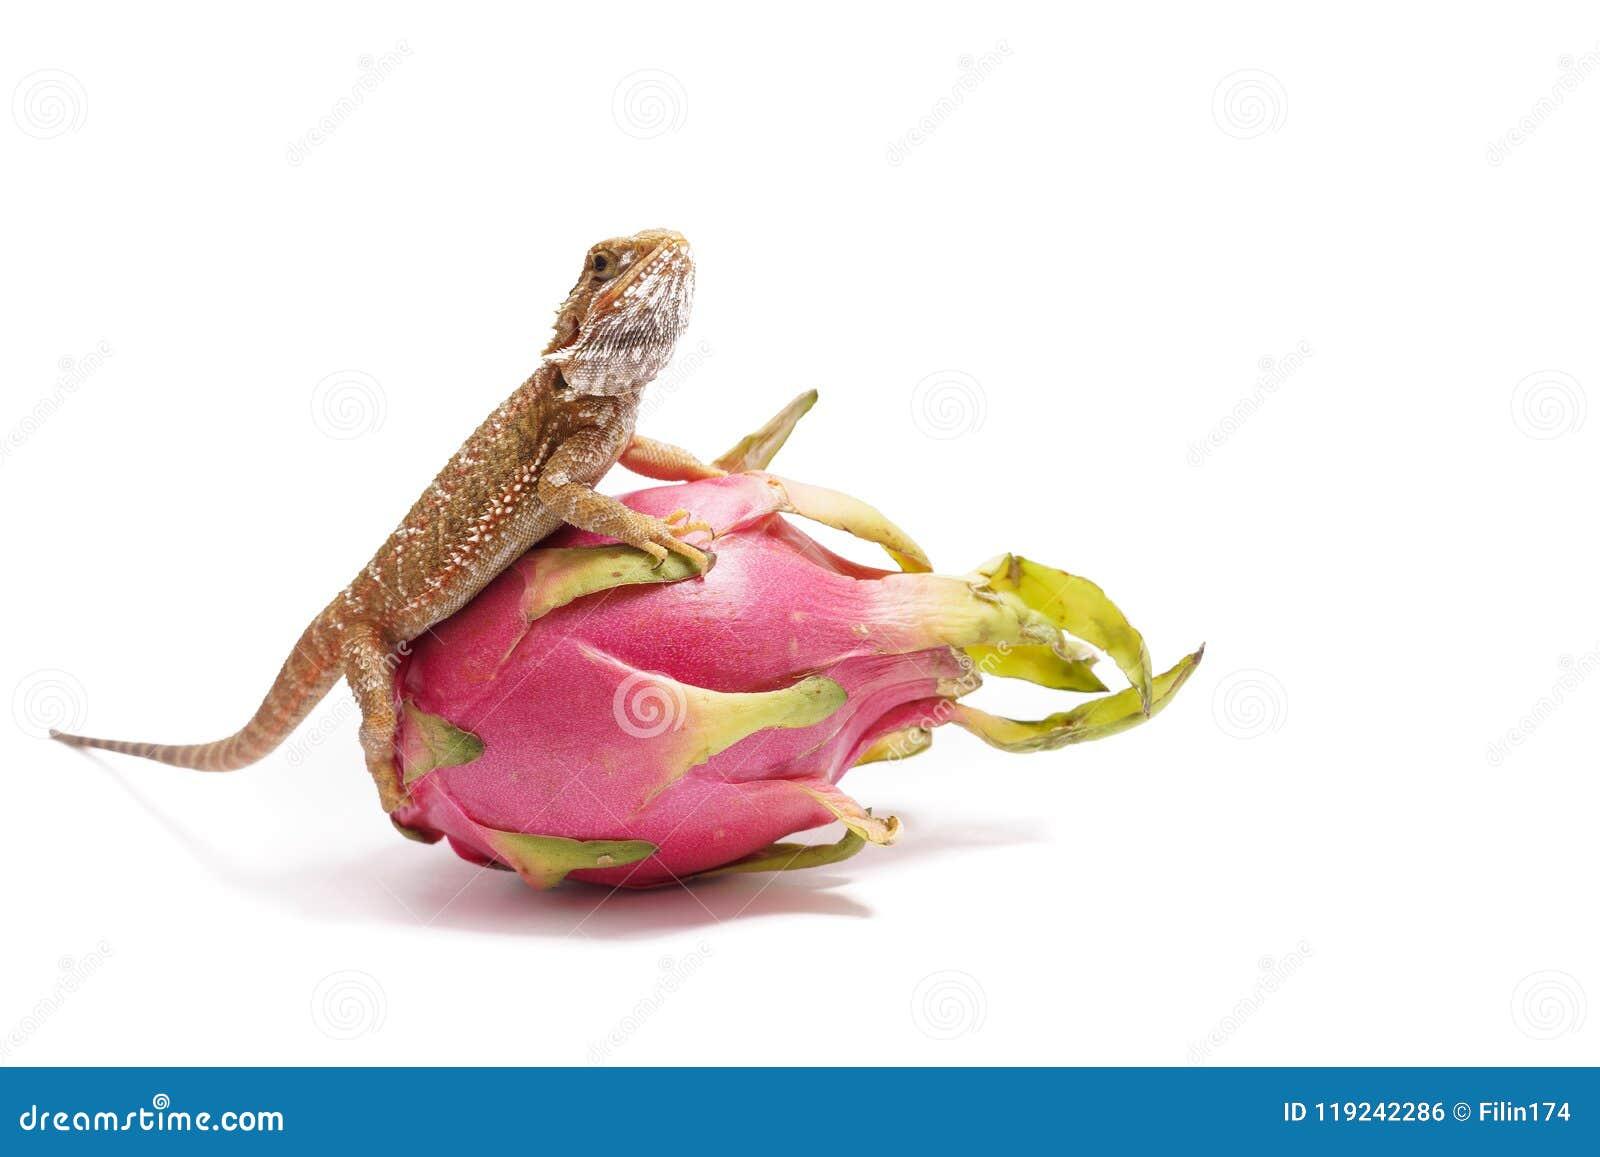 Agama zit op het fruit van pityahya (draakfruit) als draak